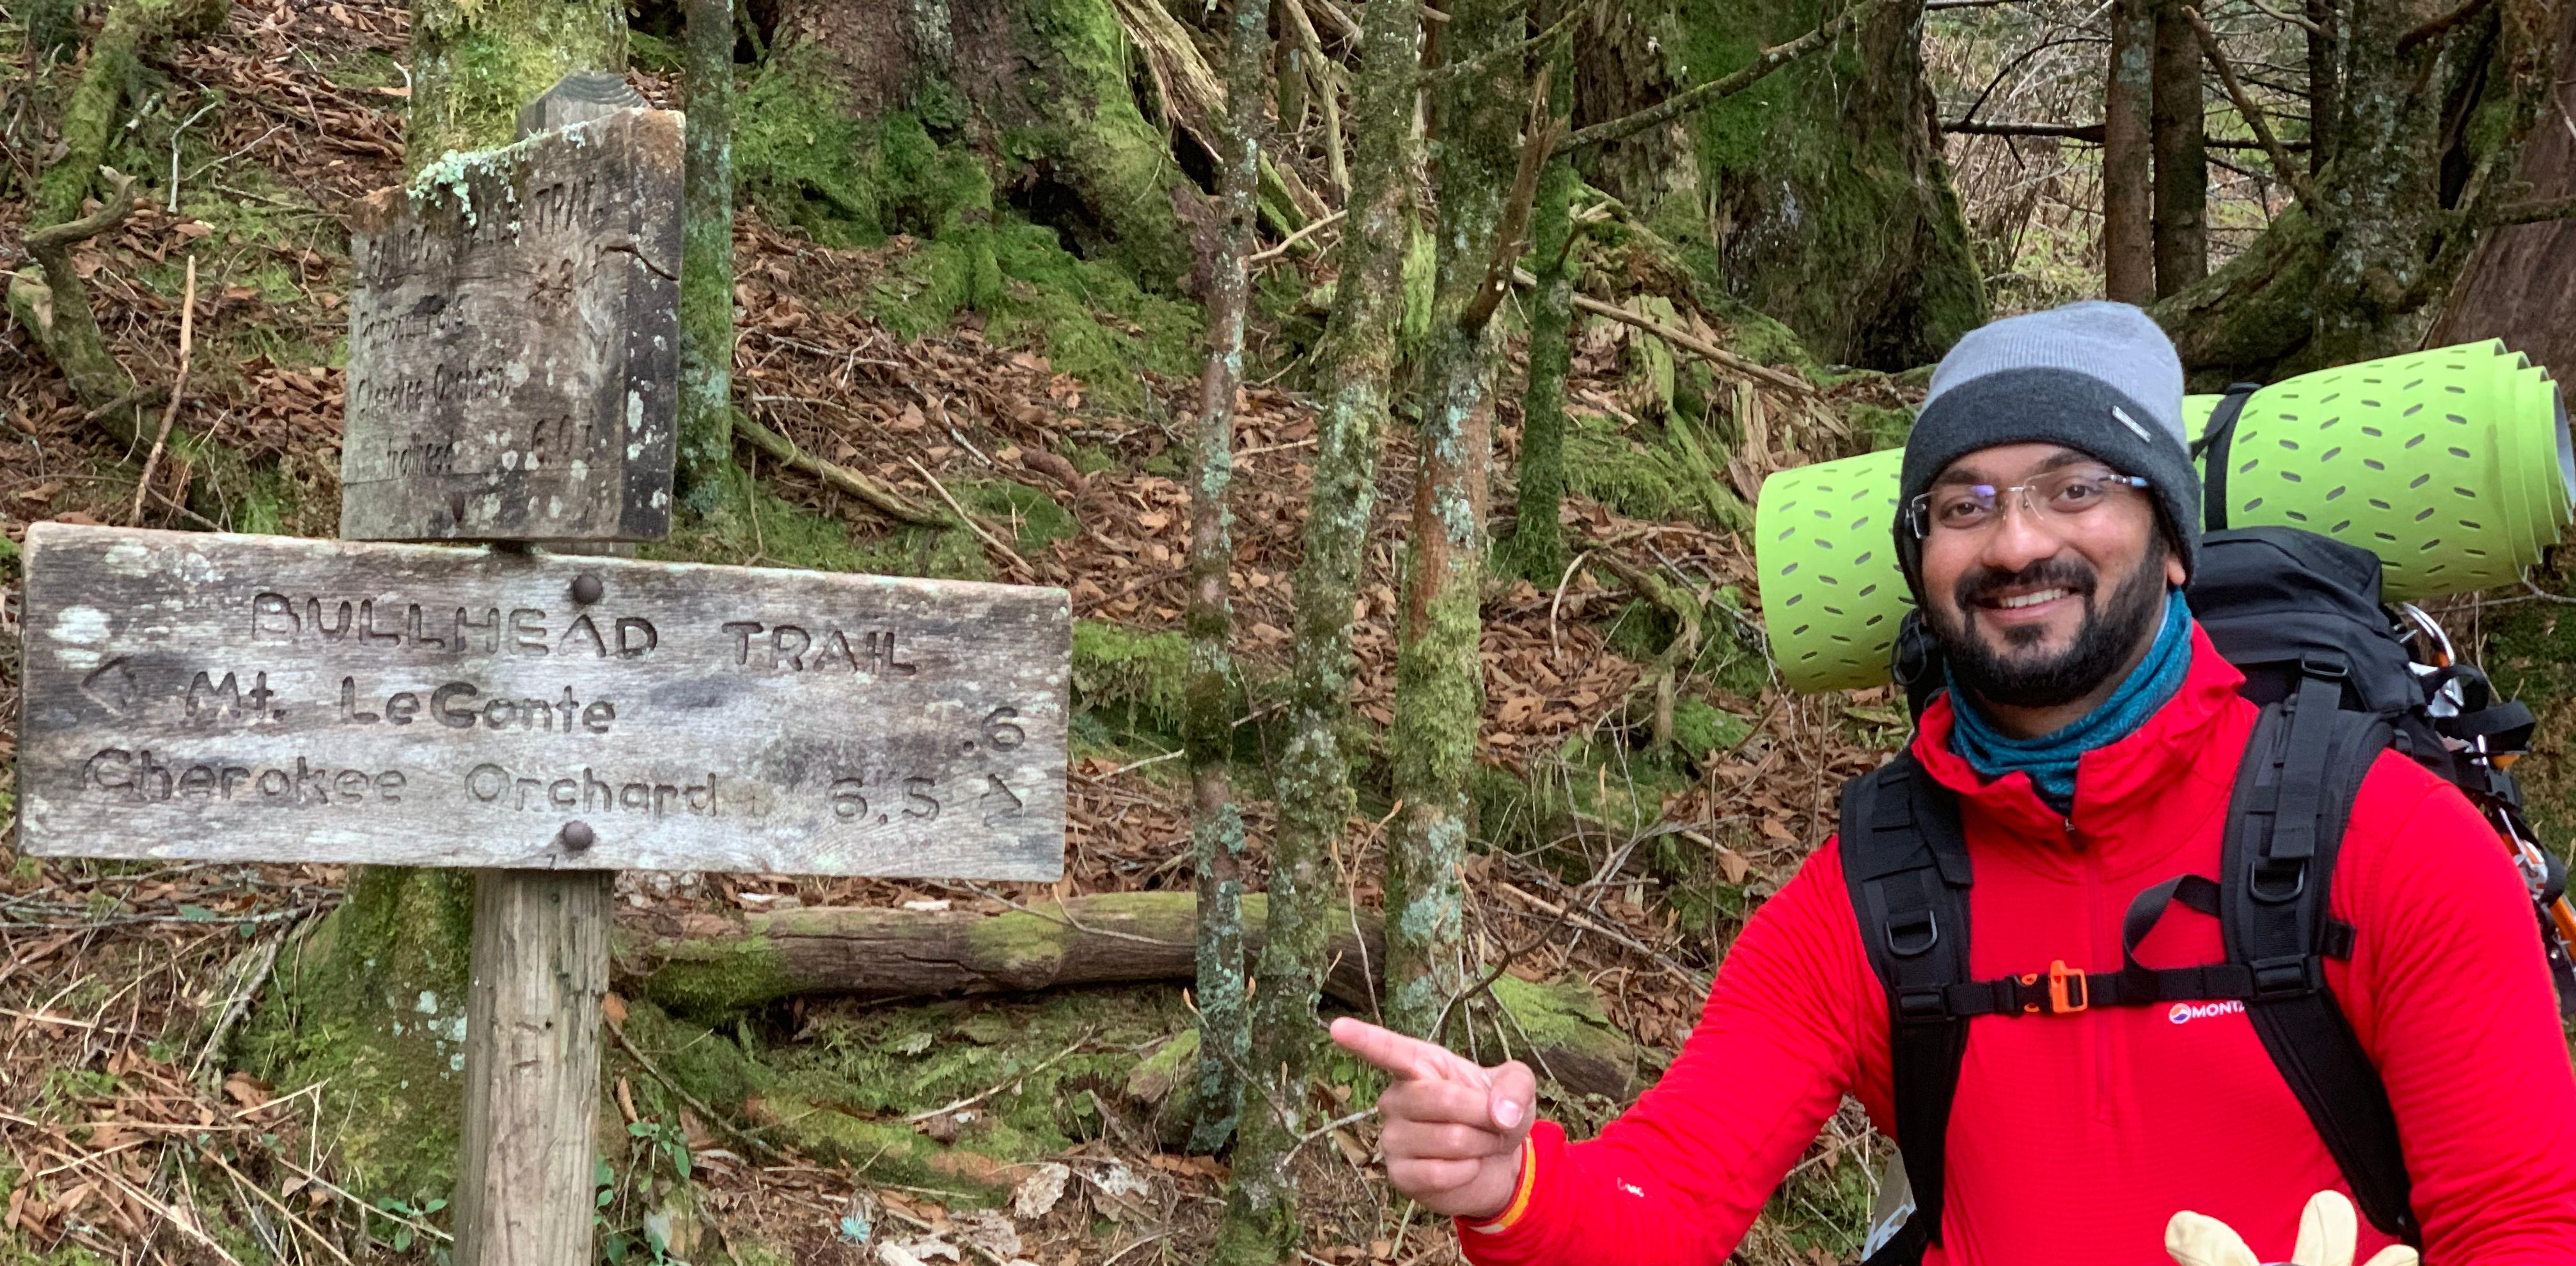 Bullhead Trail meets Rainbow Falls Trail